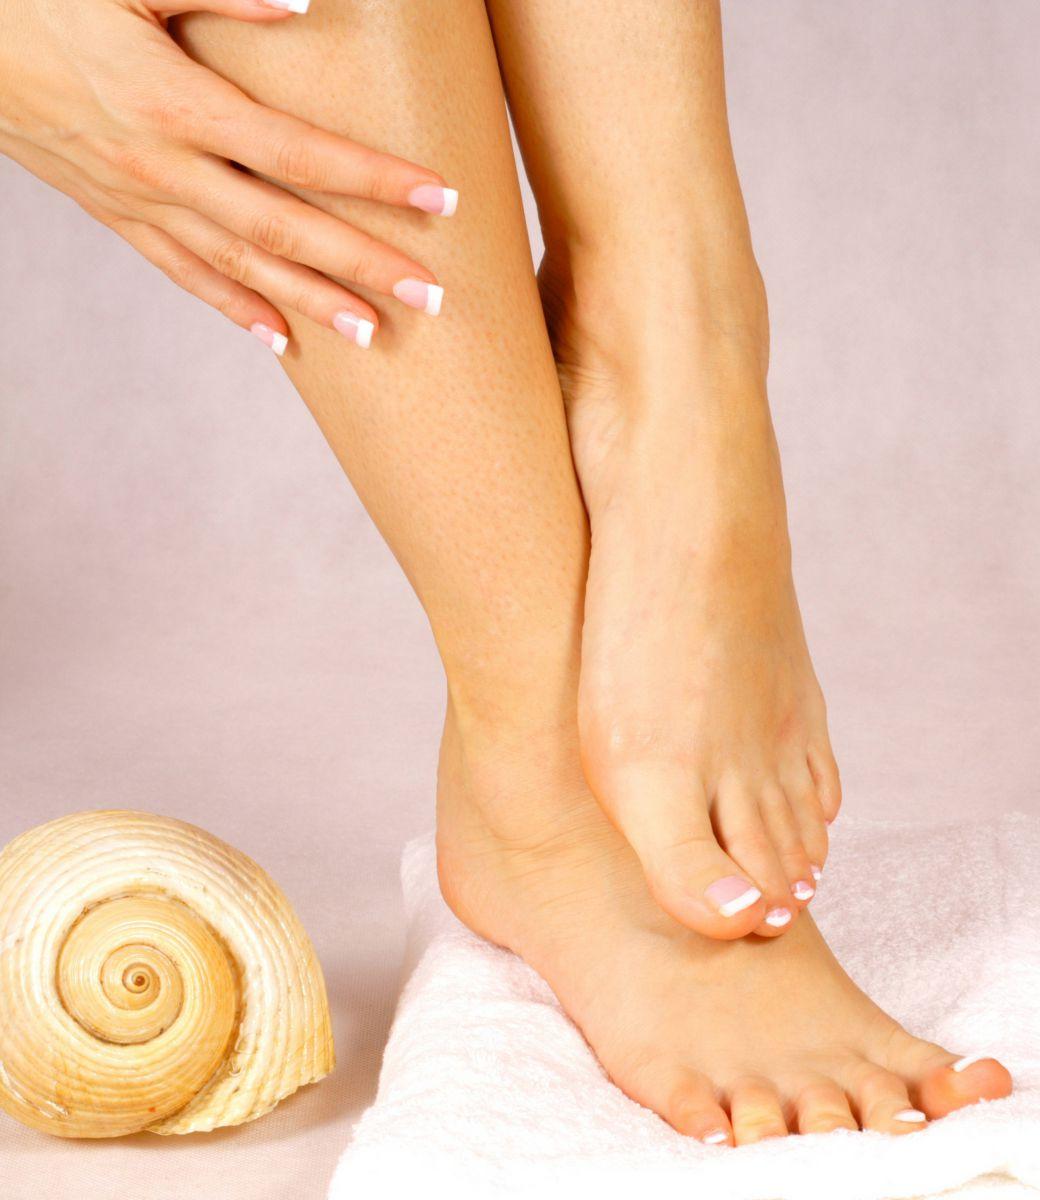 visszér a lábakon krémekkel történő kezelés)